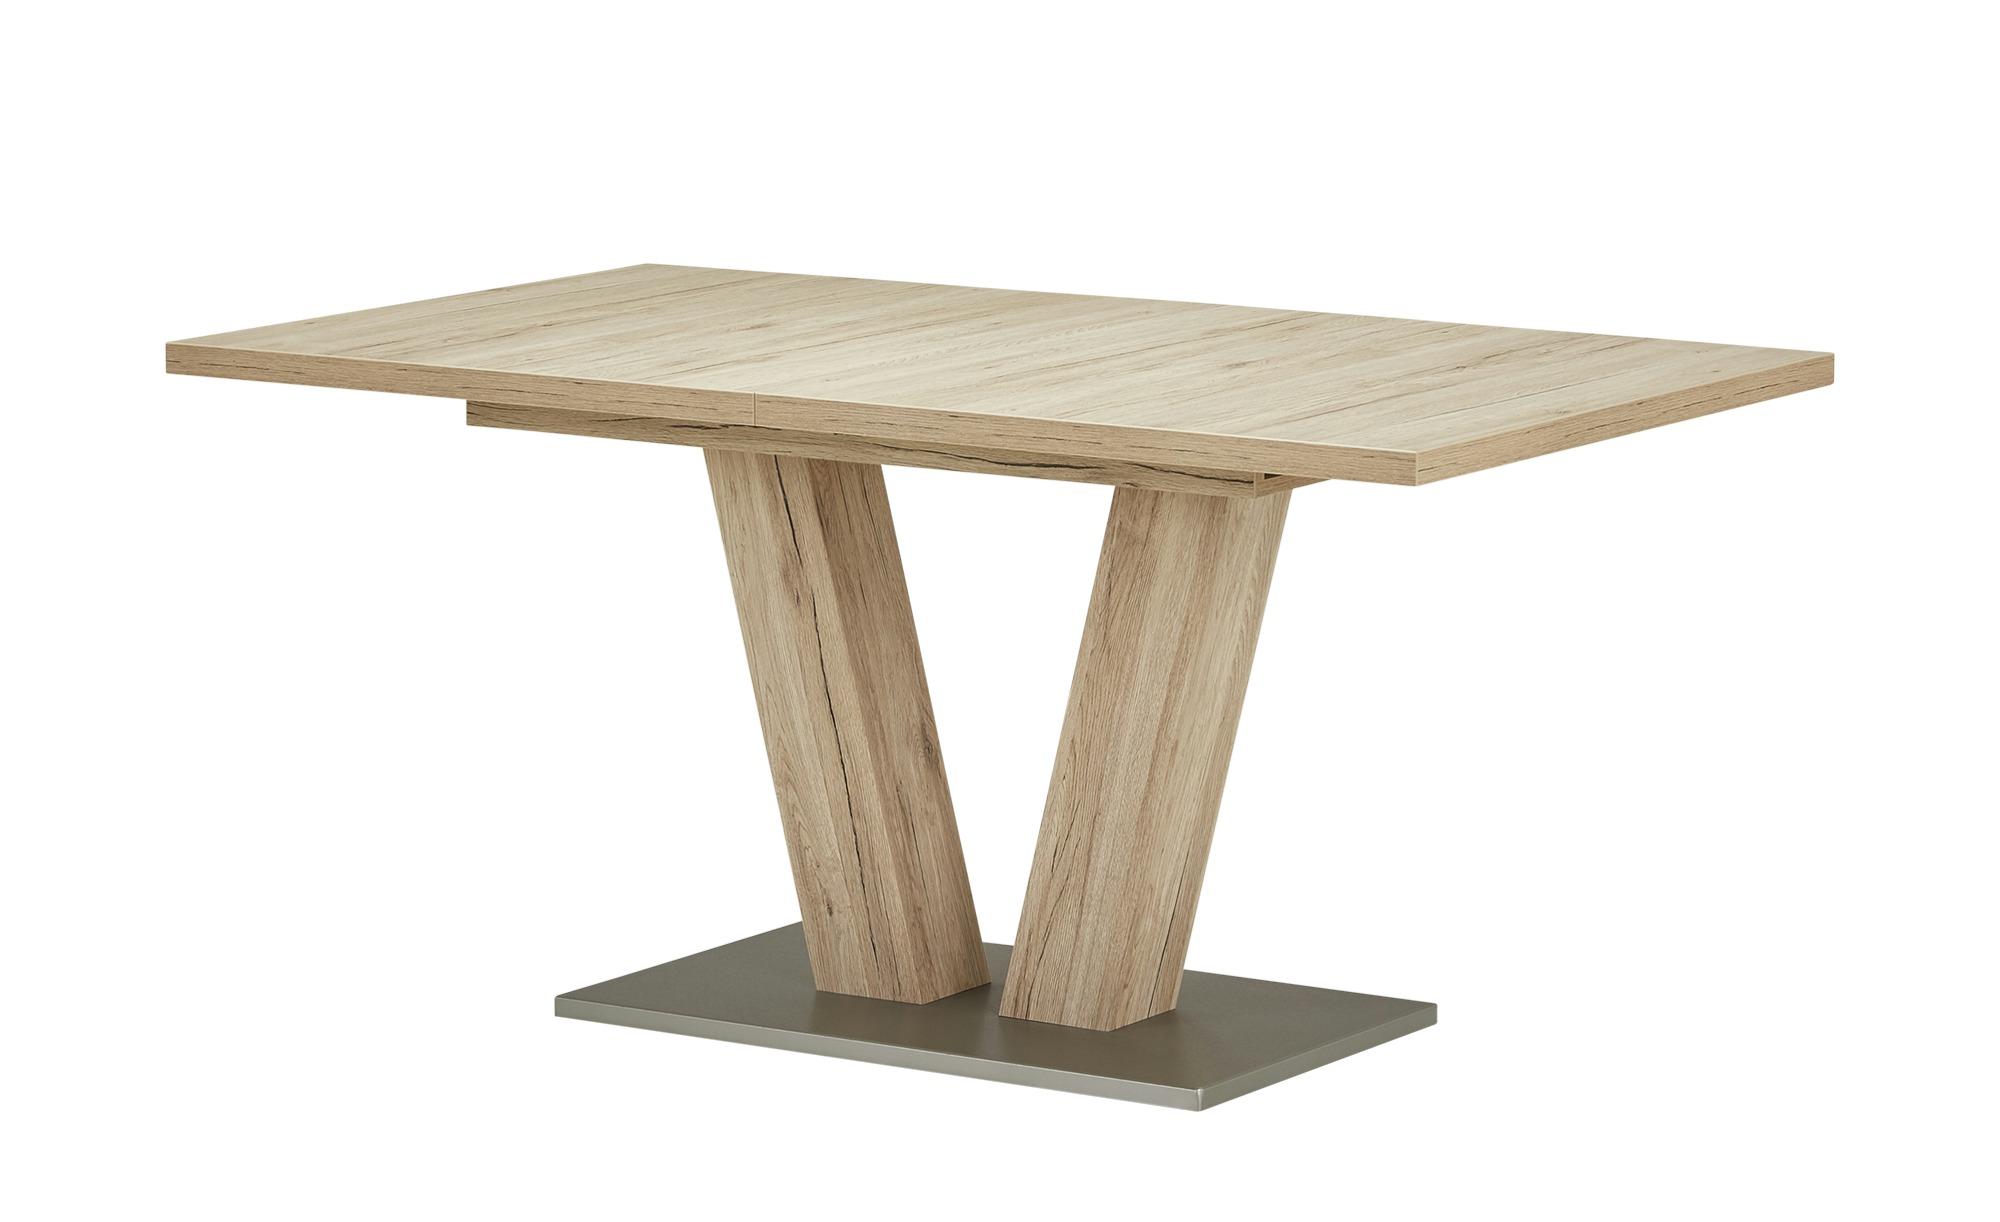 Esstisch ¦ Maße (cm): B: 90 H: 76 Tische > Esstische > Esstische eckig - Höffner